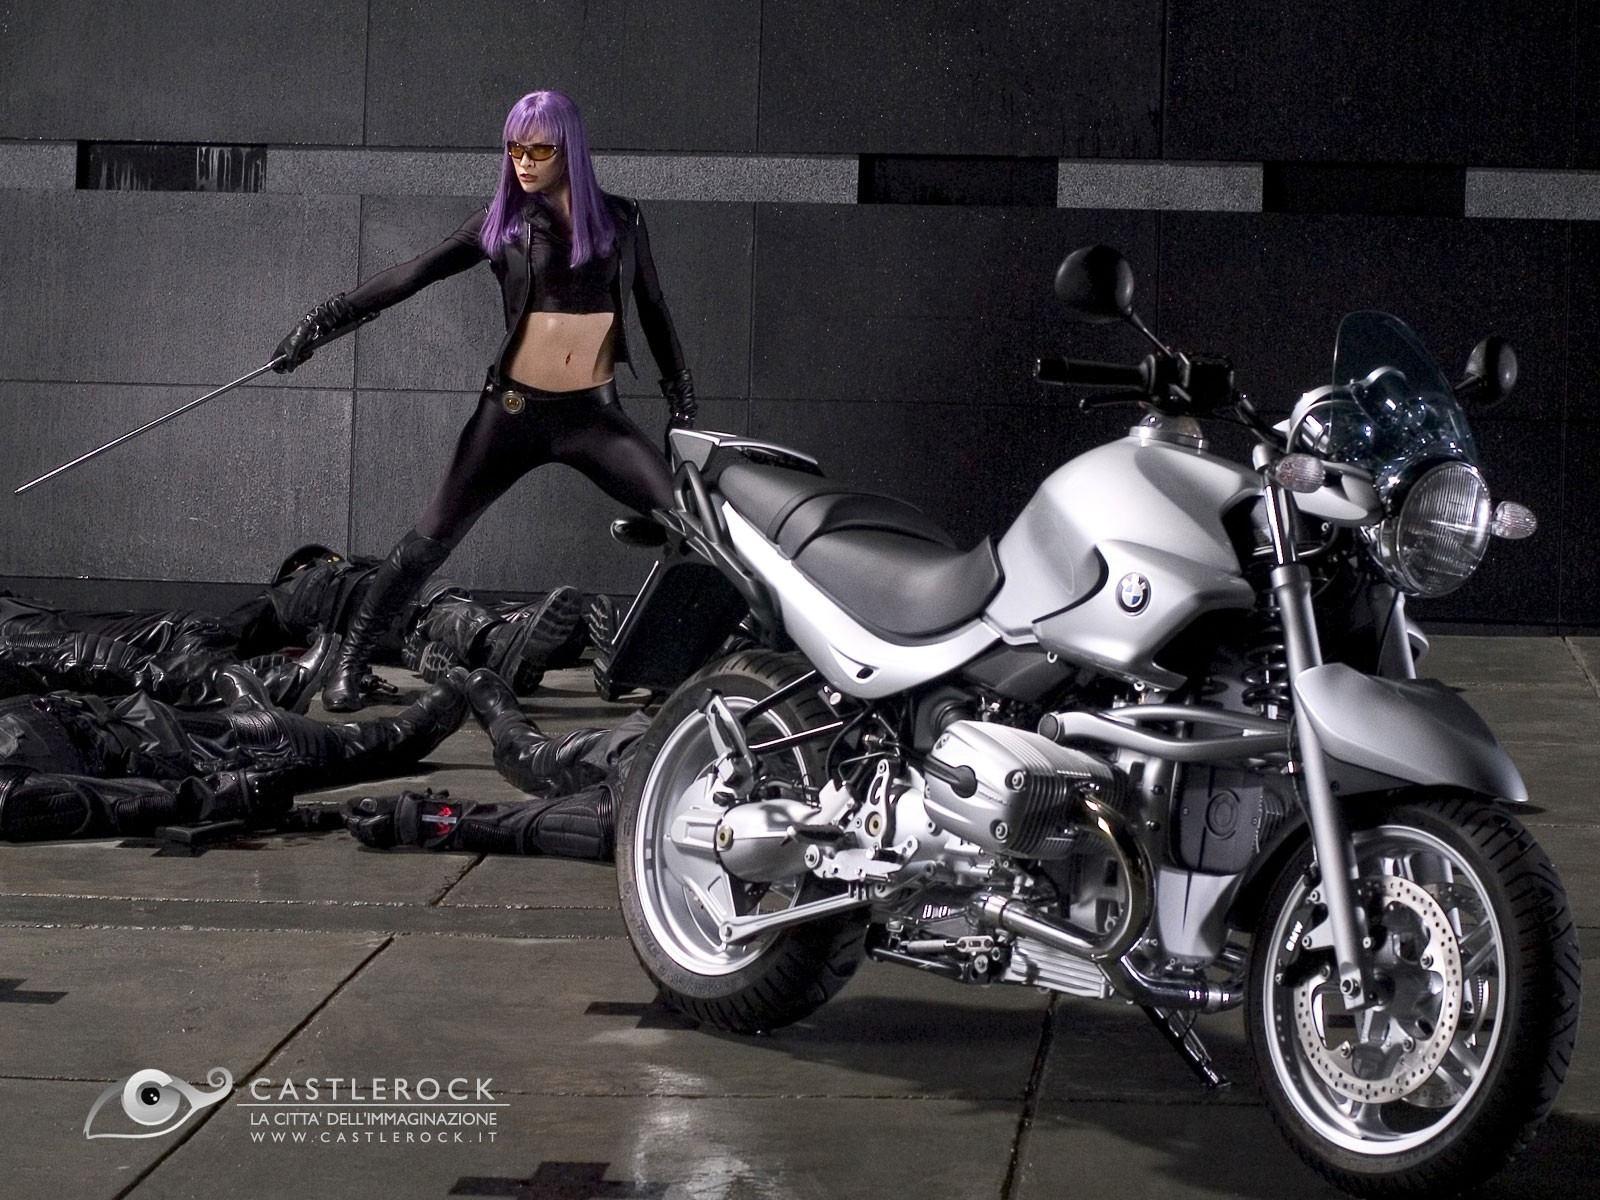 Wallpaper del film Ultraviolet con la Jovovich con i capelli viola